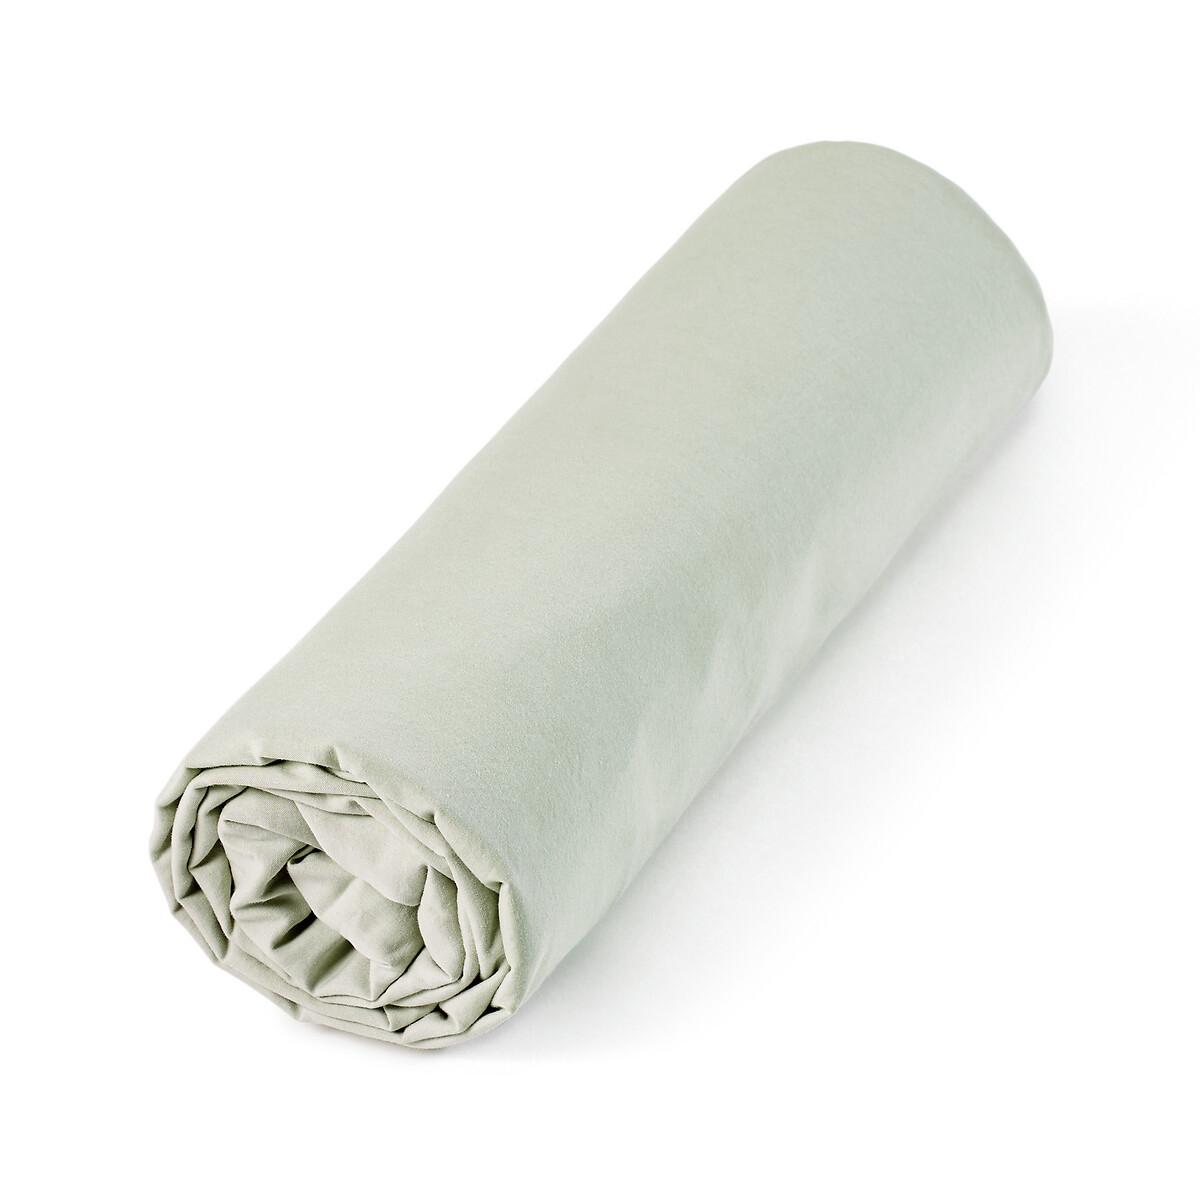 Простыня LaRedoute Натяжная из перкали из биохлопка и лиоцелла Lenza 90 x 190 см зеленый